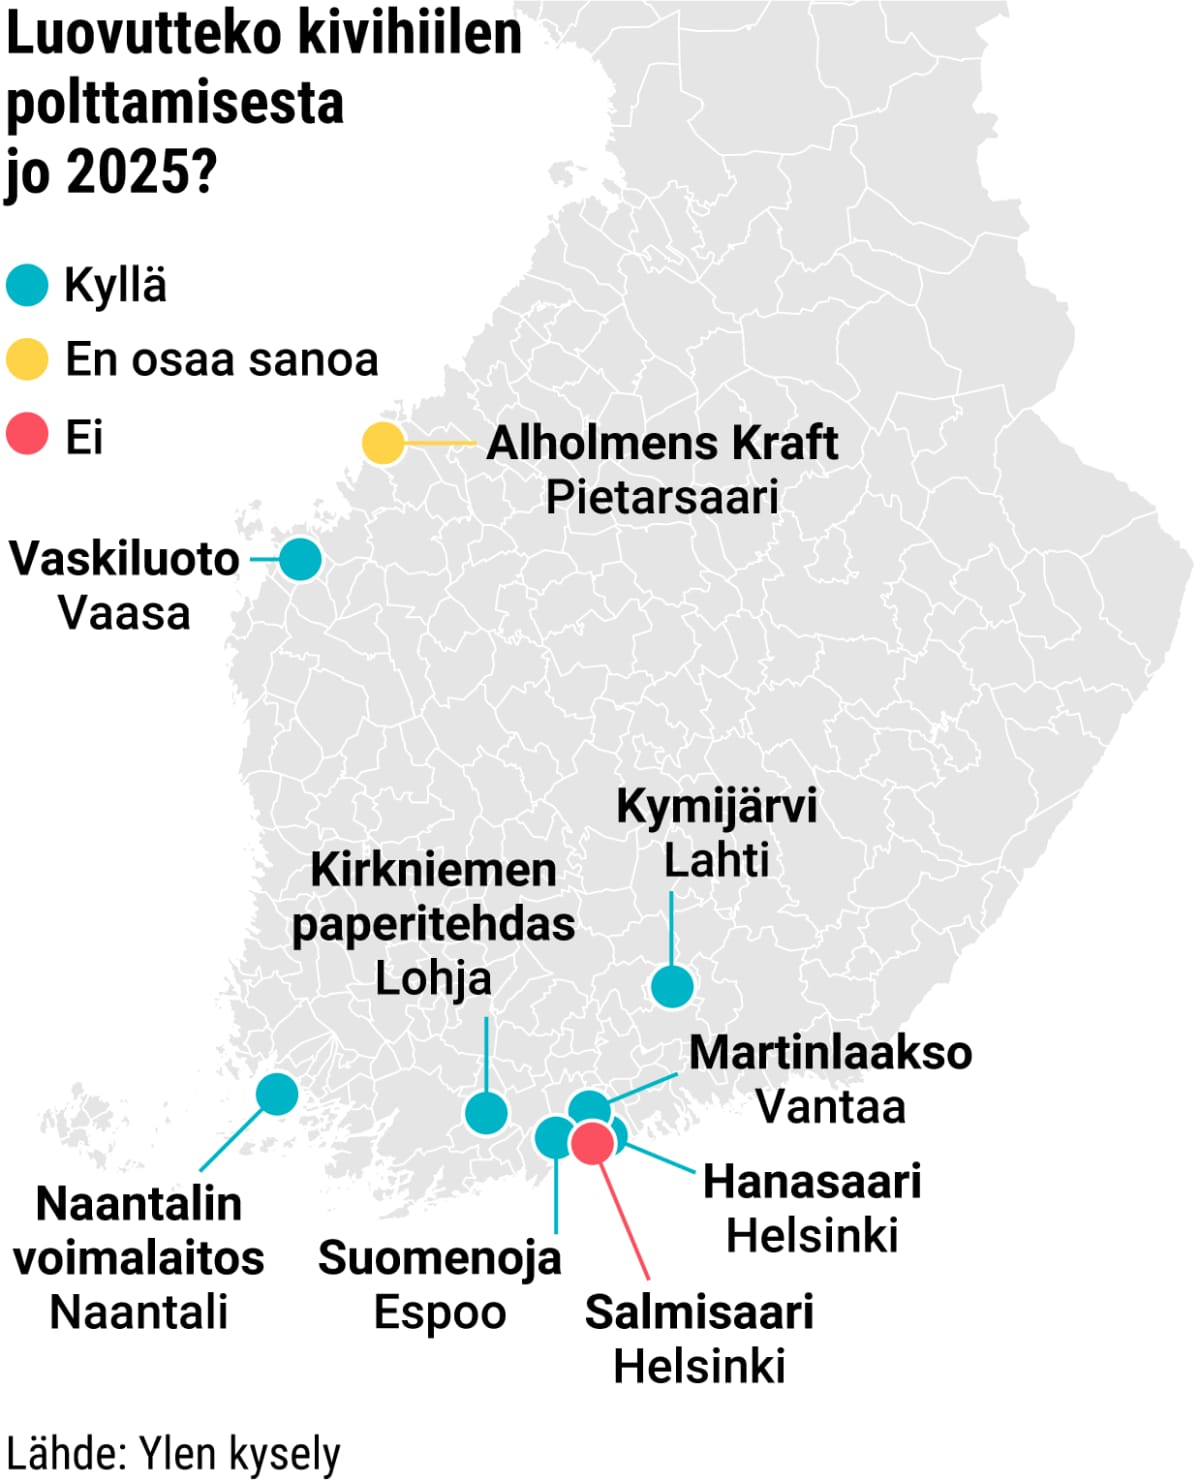 Luovutteko kivihiilen polttamisesta jo 2025?